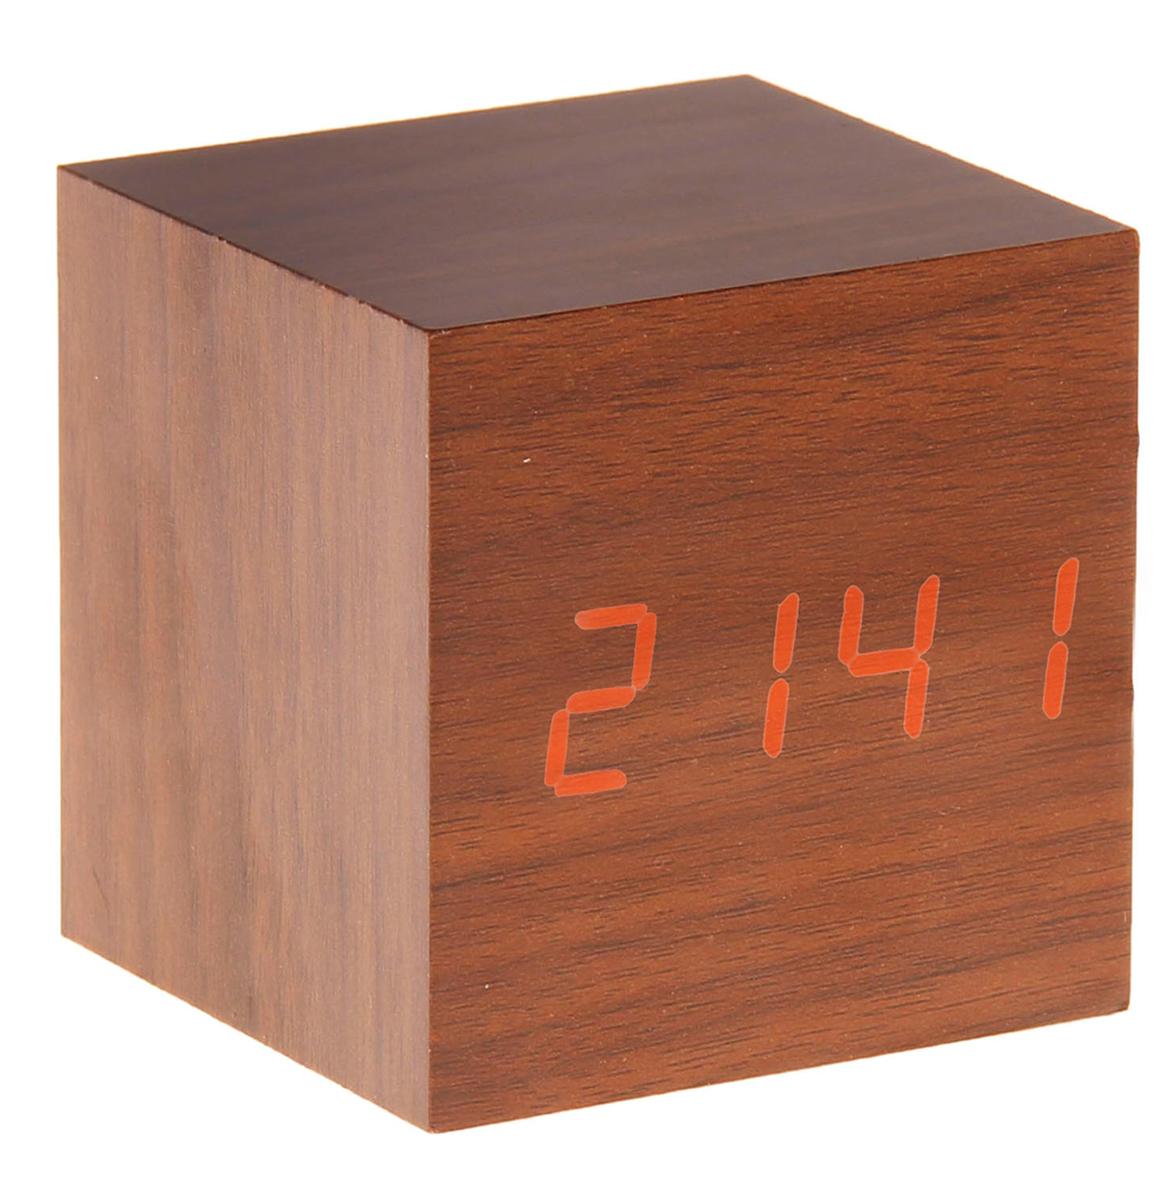 Часы-будильник Кубик темное дерево. 835054835054Часы-будильник Кубик темное дерево 835054 станет стильным акцентом в любом современном интерьере. Оригинальный дизайн в виде деревянного куба, внутри которого установлен голубой проекционный дисплей, выделит эту вещь из общей массы. Часы максимально функциональны, имеют встроенный будильник, три режима отображения (время, месяц, день и температура). Они станут прекрасным подарком для ценителей всего необычного.